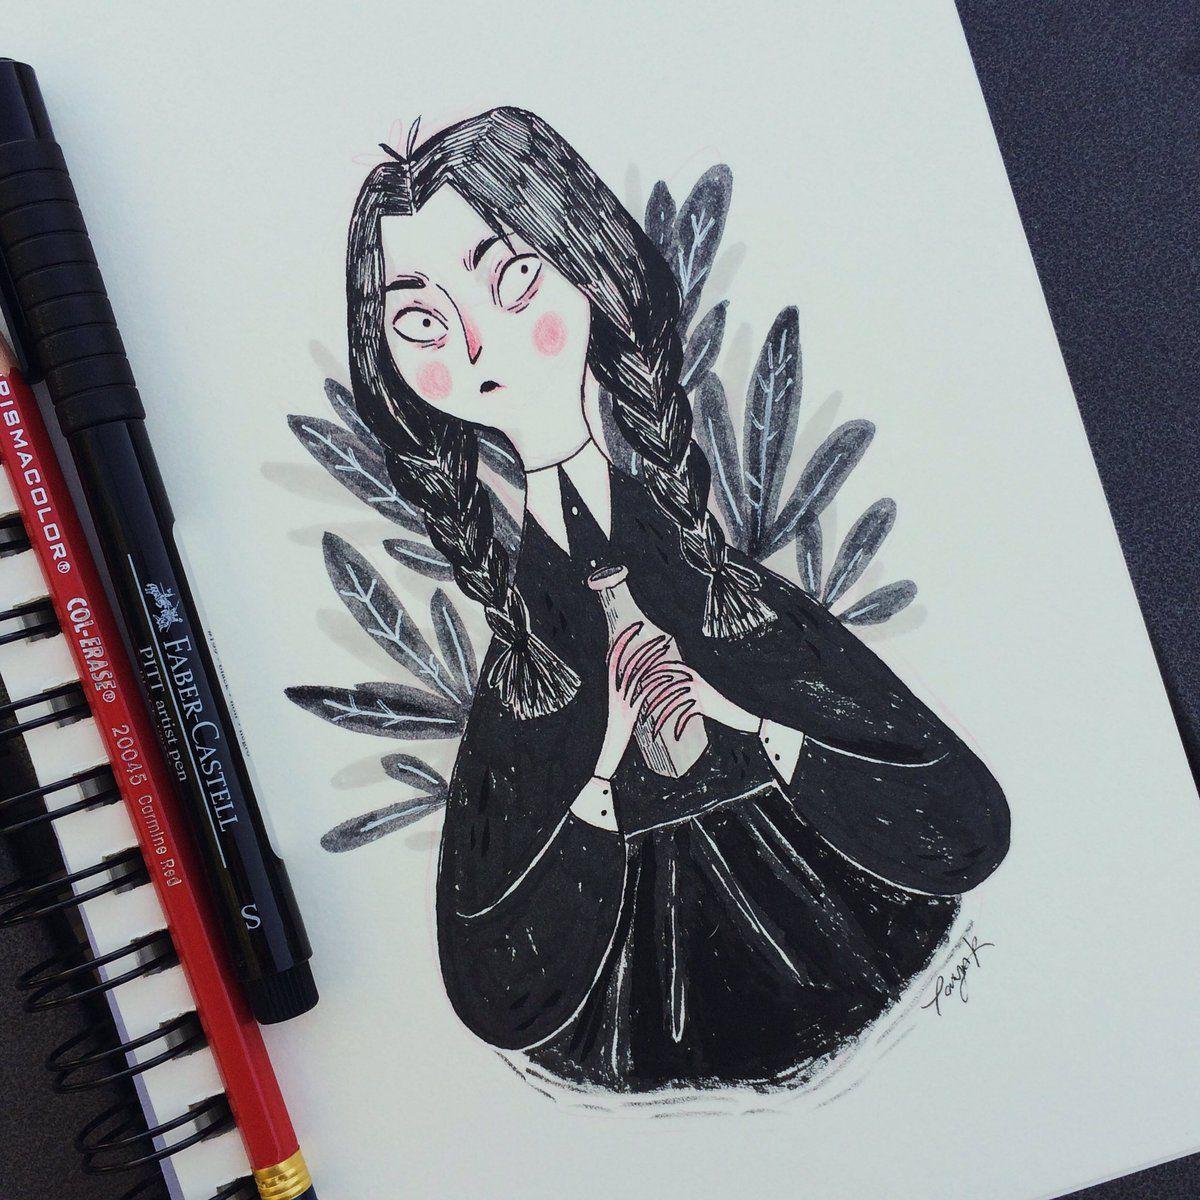 Inktober Hashtag On Twitter Art Illustration Cute Art